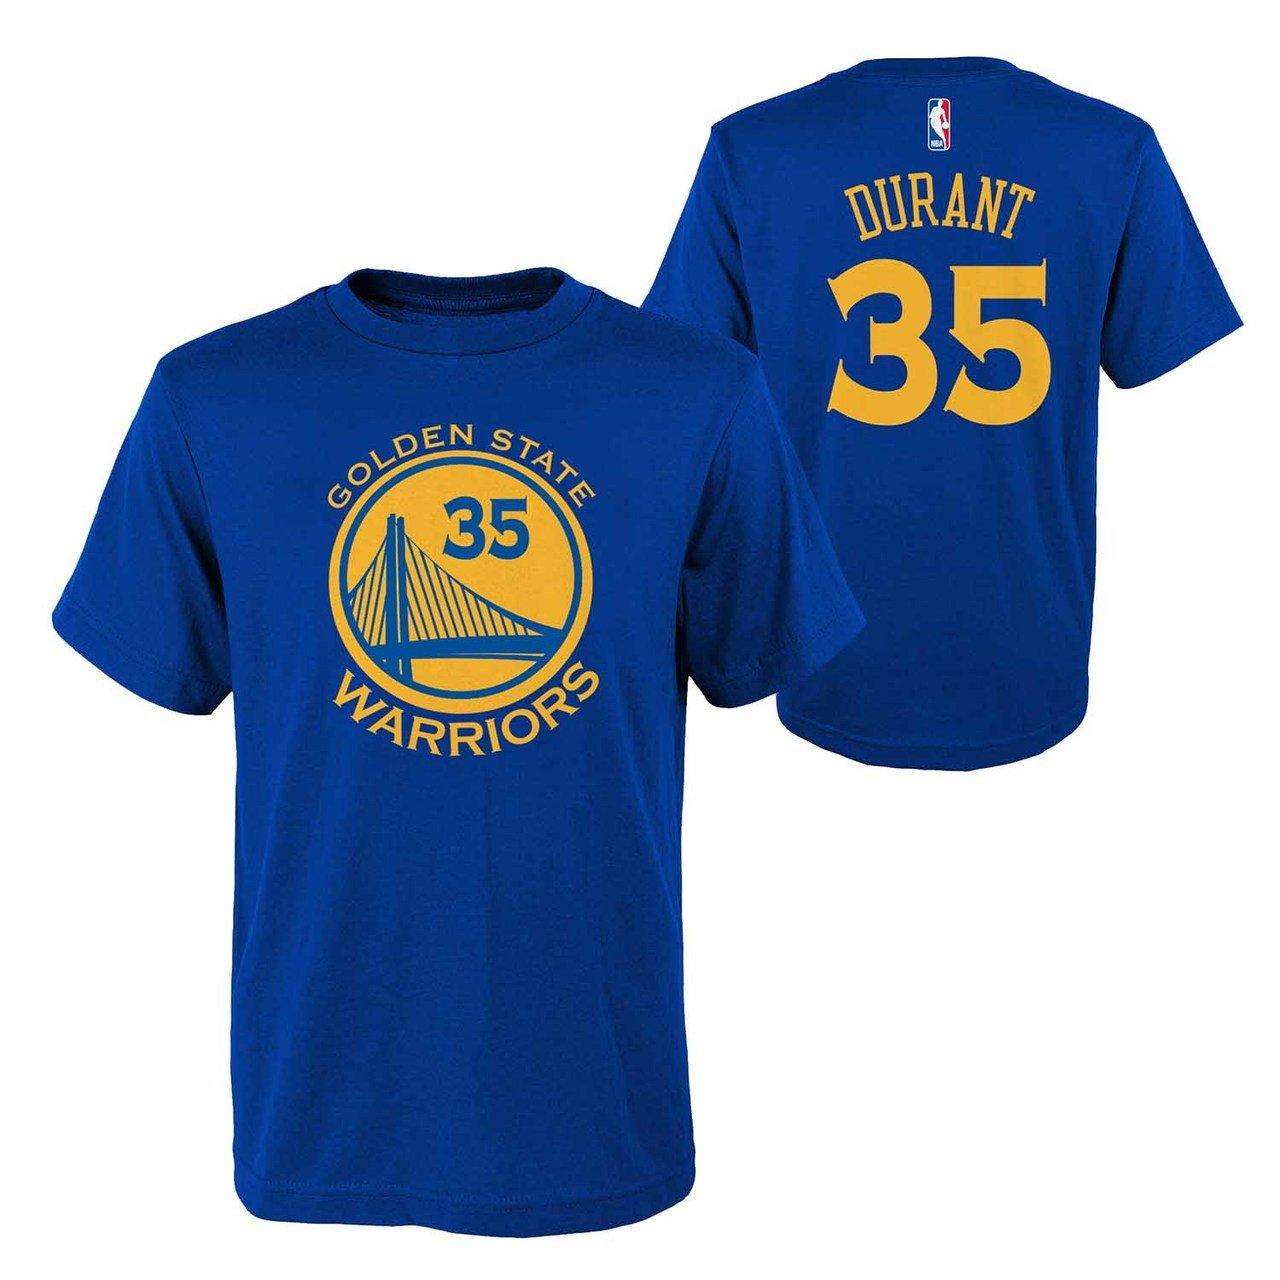 高品質 Golden State Warriors Youth NbaケビンデュラントフラットBasic Name Youth Name & B07684QNC5 Number Tee (ロイヤル) M B07684QNC5, マルウメ ウメエセイザイショ:d8215b6d --- narvafouette.eu